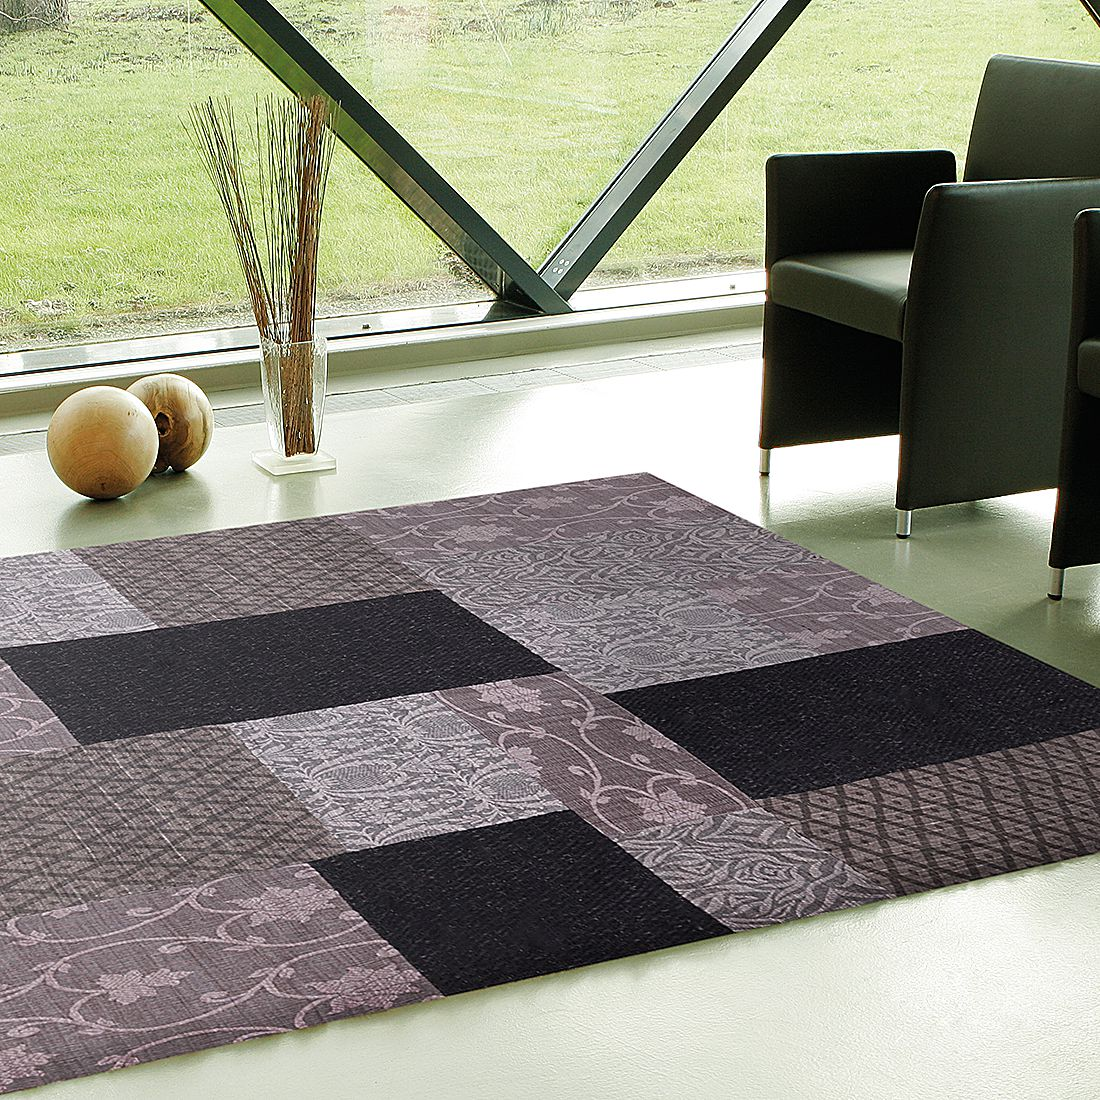 Teppich Easy Sunset – Wolle/Grau – 70×140 cm, Brigitte Home kaufen